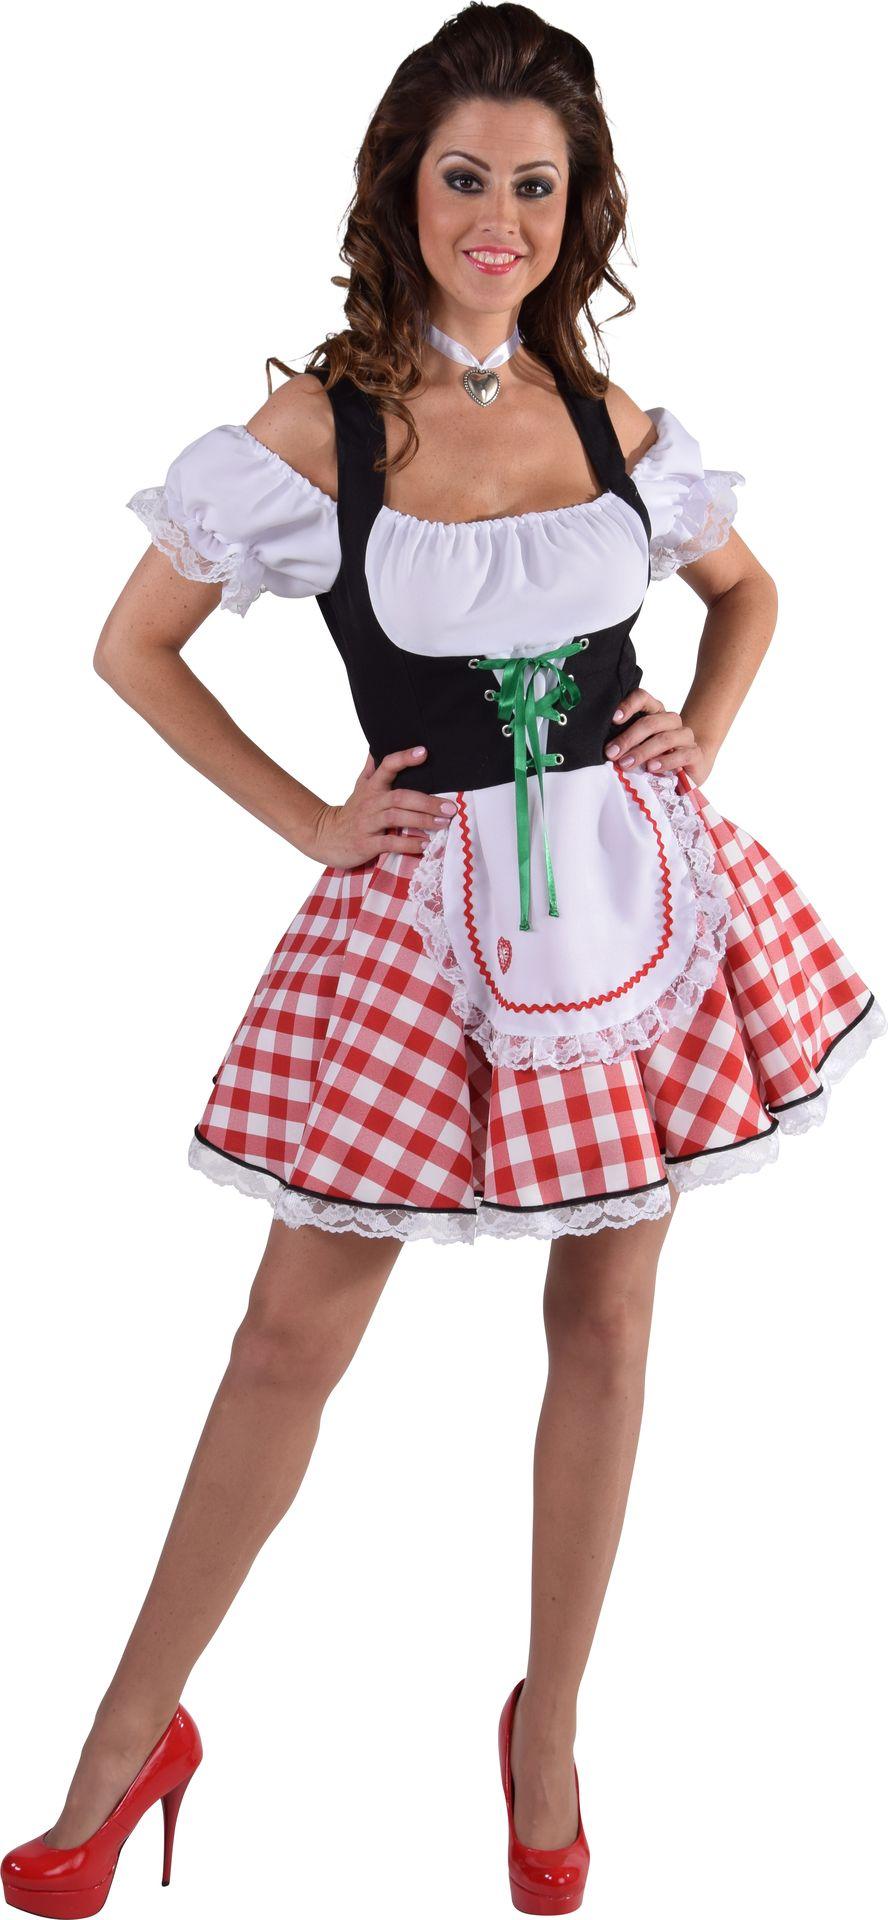 Rood wit oktoberfest jurkje dames